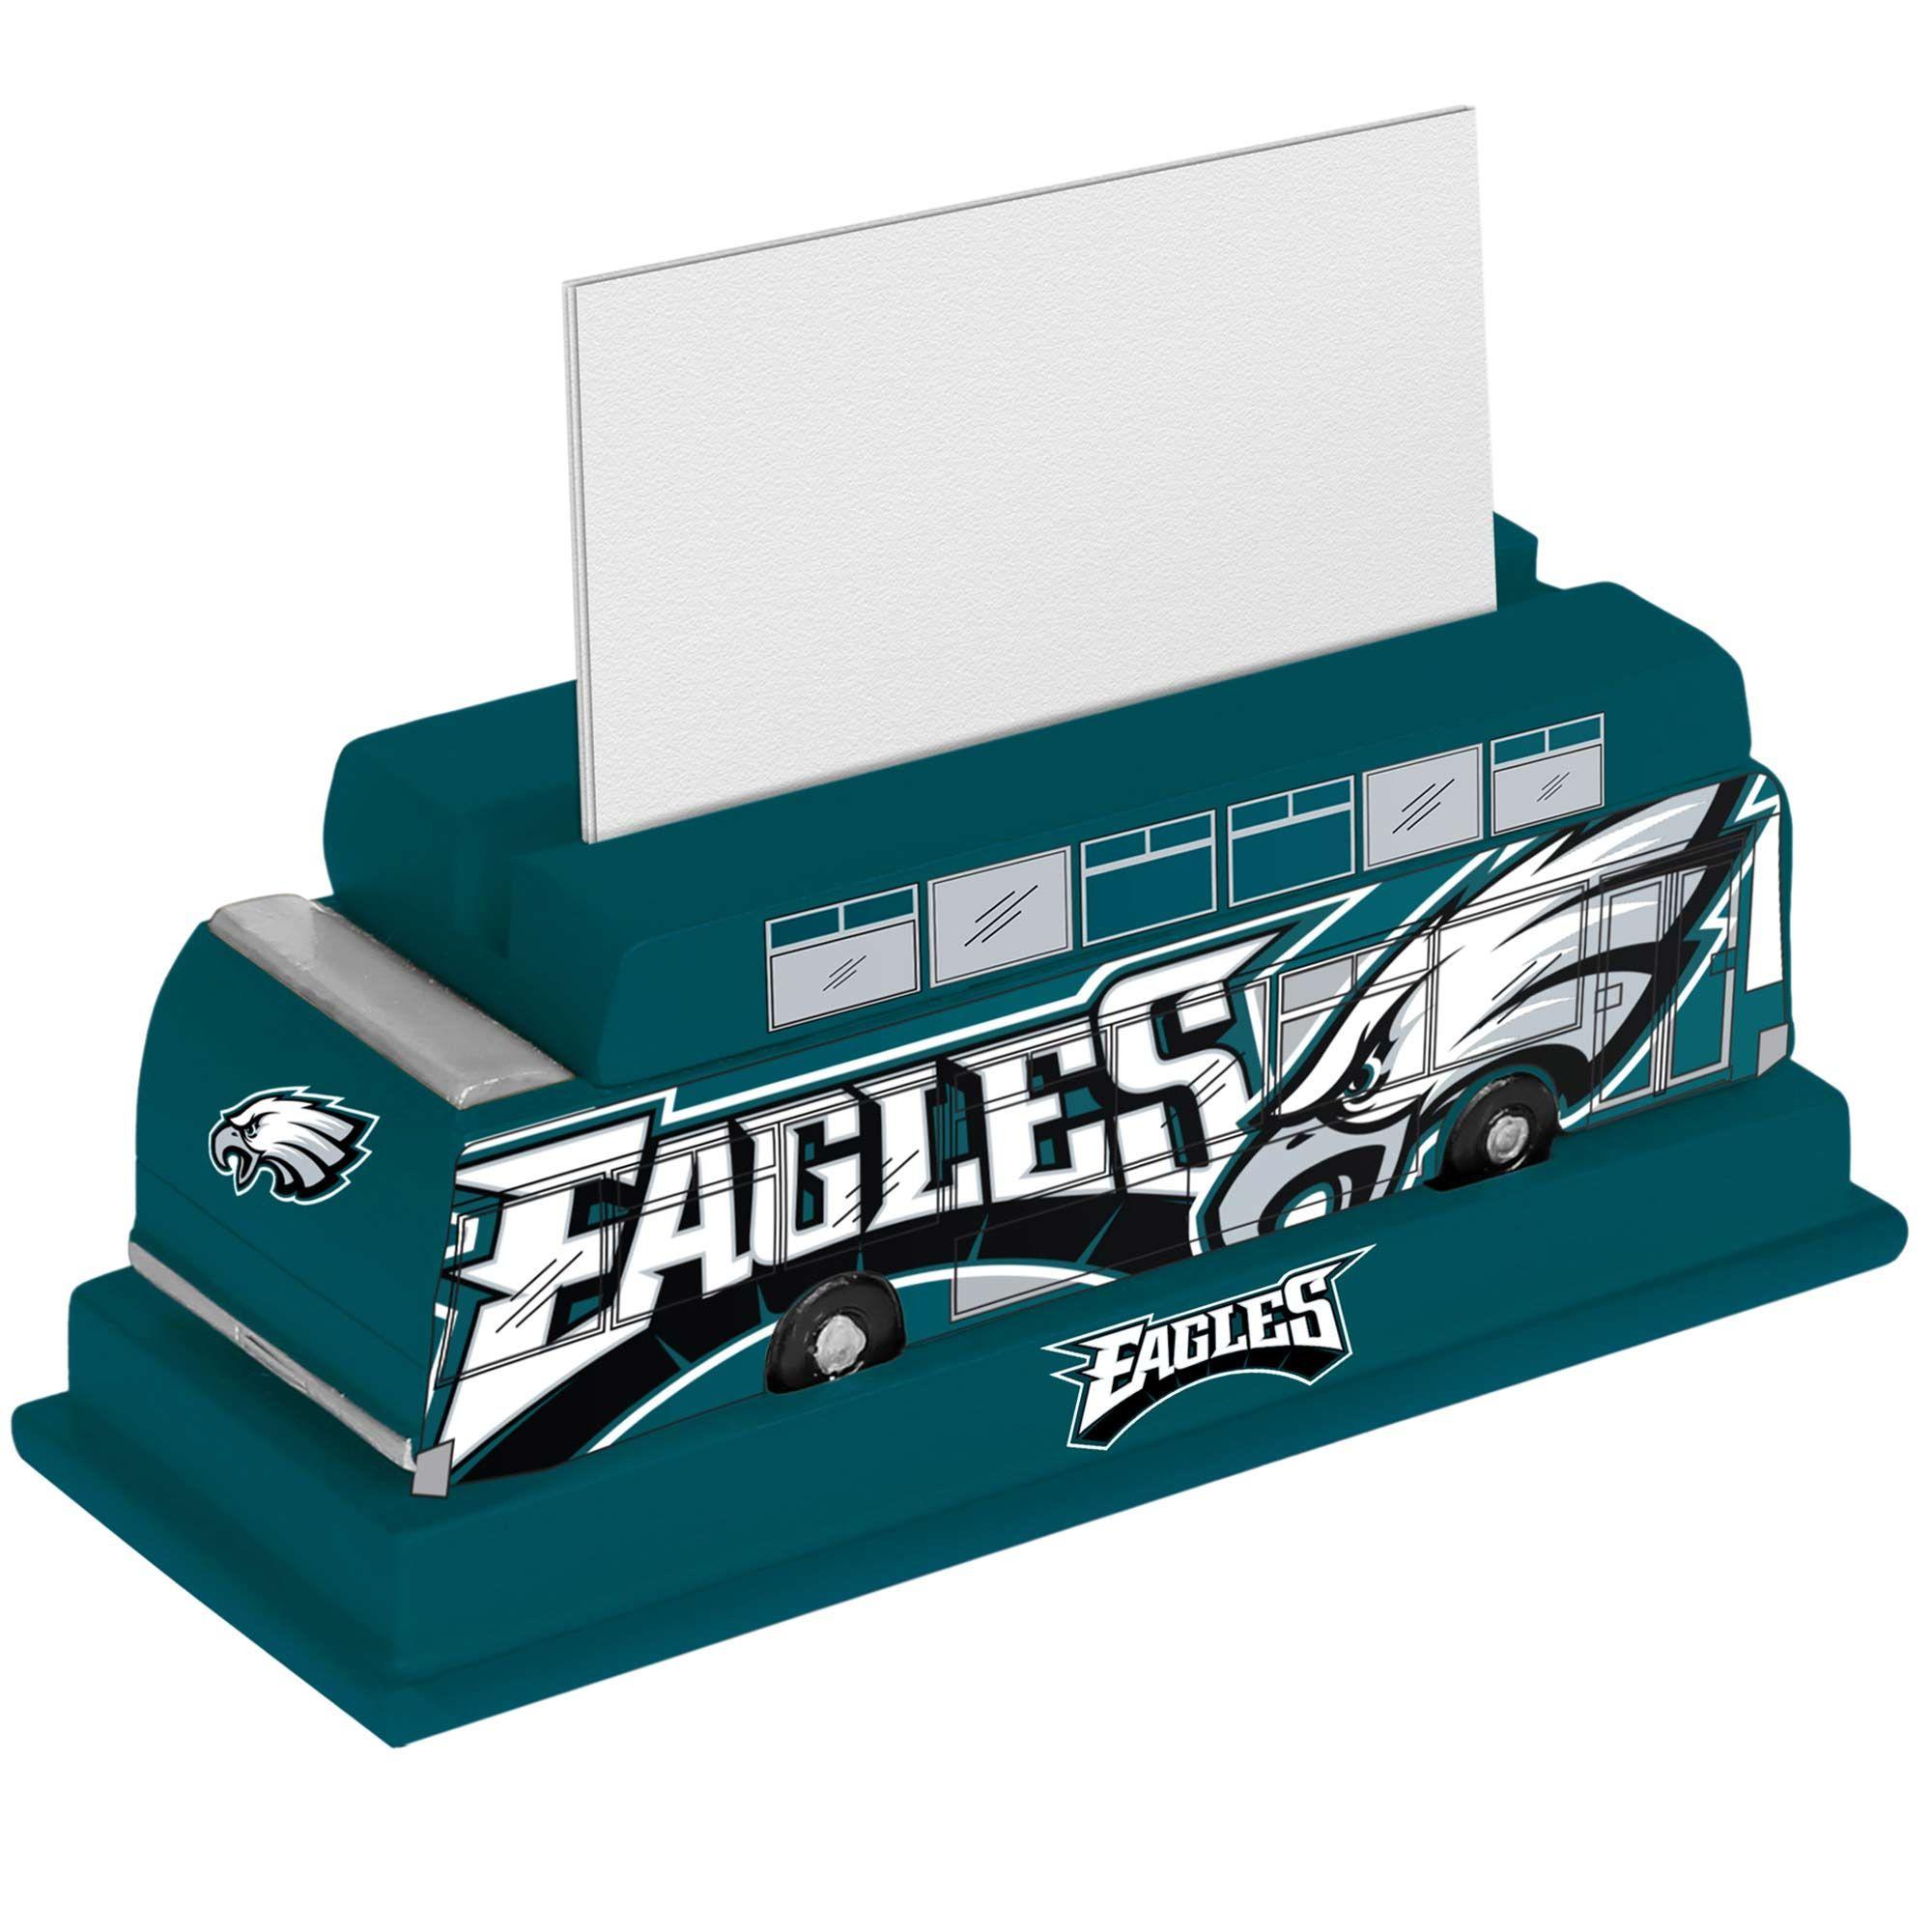 Philadelphia eagles business card holder business card holders philadelphia eagles business card holder magicingreecefo Images